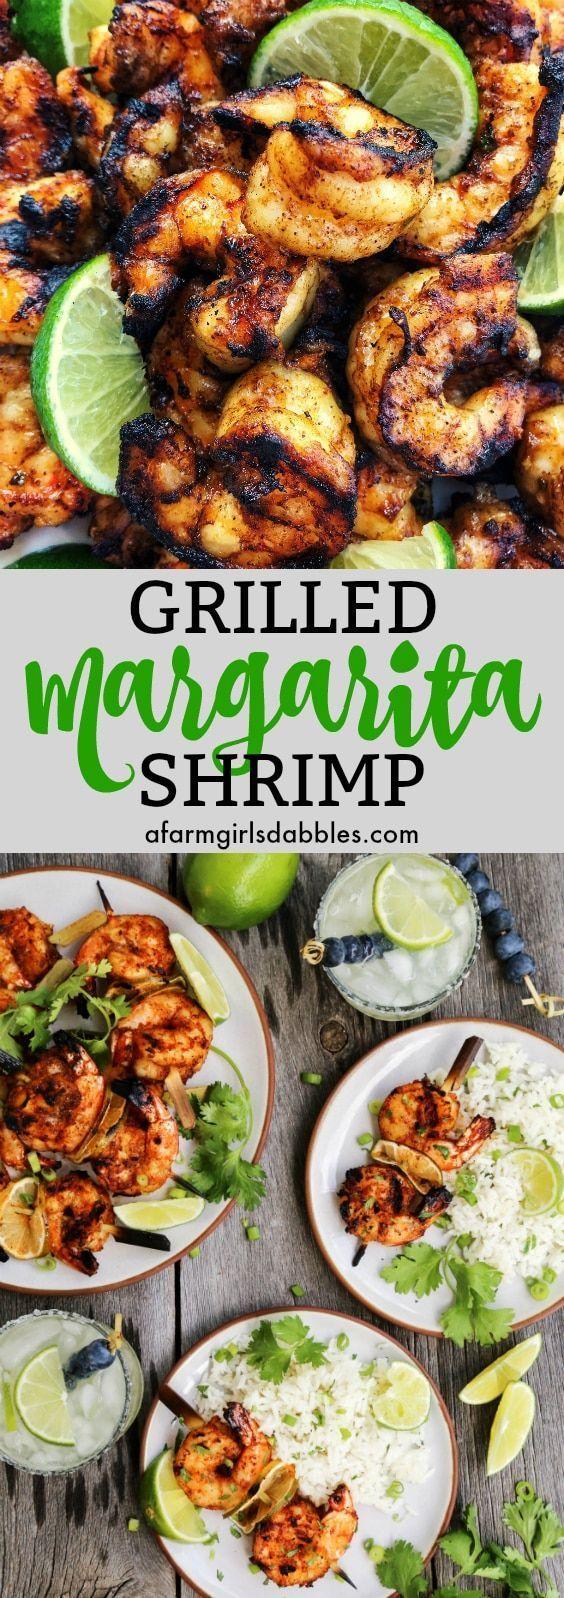 Hochzeitsessen | Gegrillte Margarita Shrimps von afarmgirlsdabbles … – Gegrillte …   – HEALTHY LUNCHES